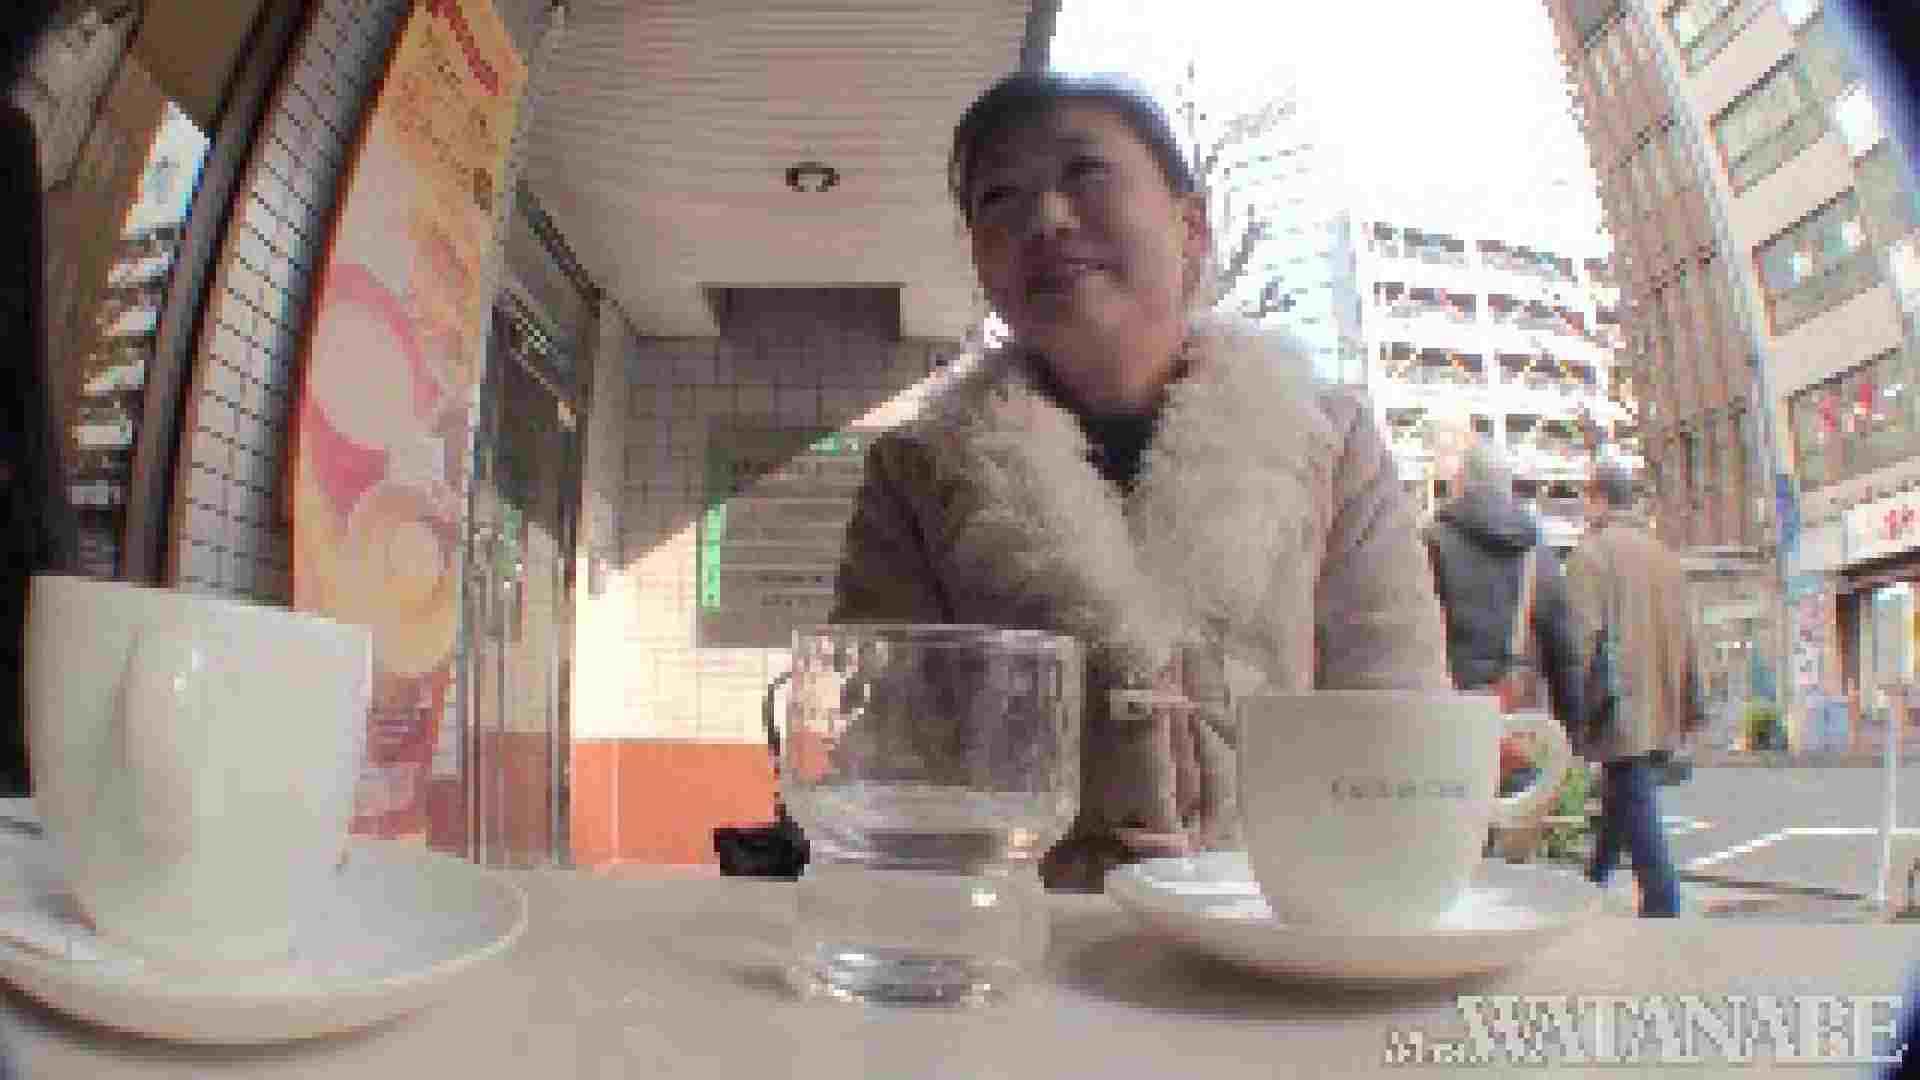 撮影スタッフを誘惑する痴熟女 かおり40歳 Vol.01 素人 | HなOL  67pic 3